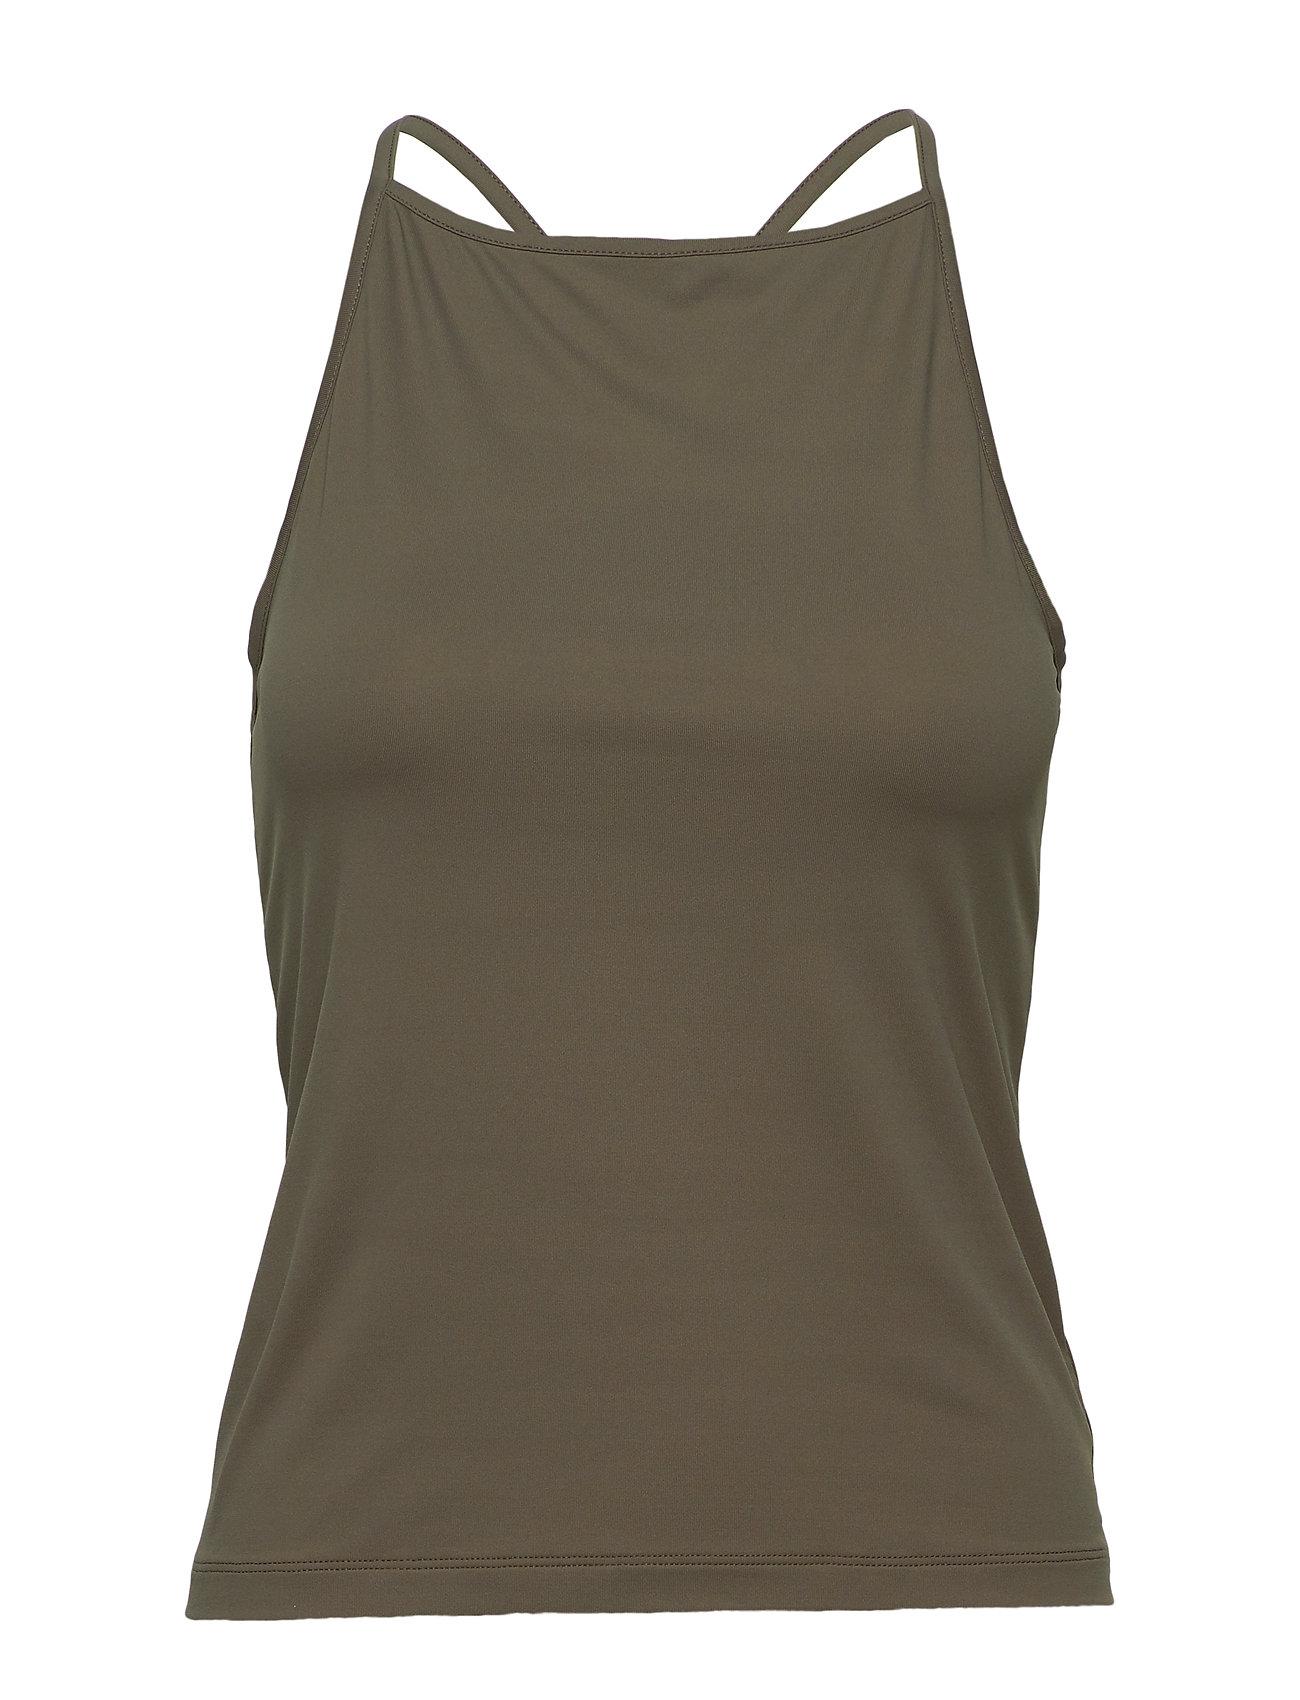 Filippa K Soft Sport Soft Cross-Back Tank T-shirts & Tops Sleeveless Grön Filippa K Soft Sport